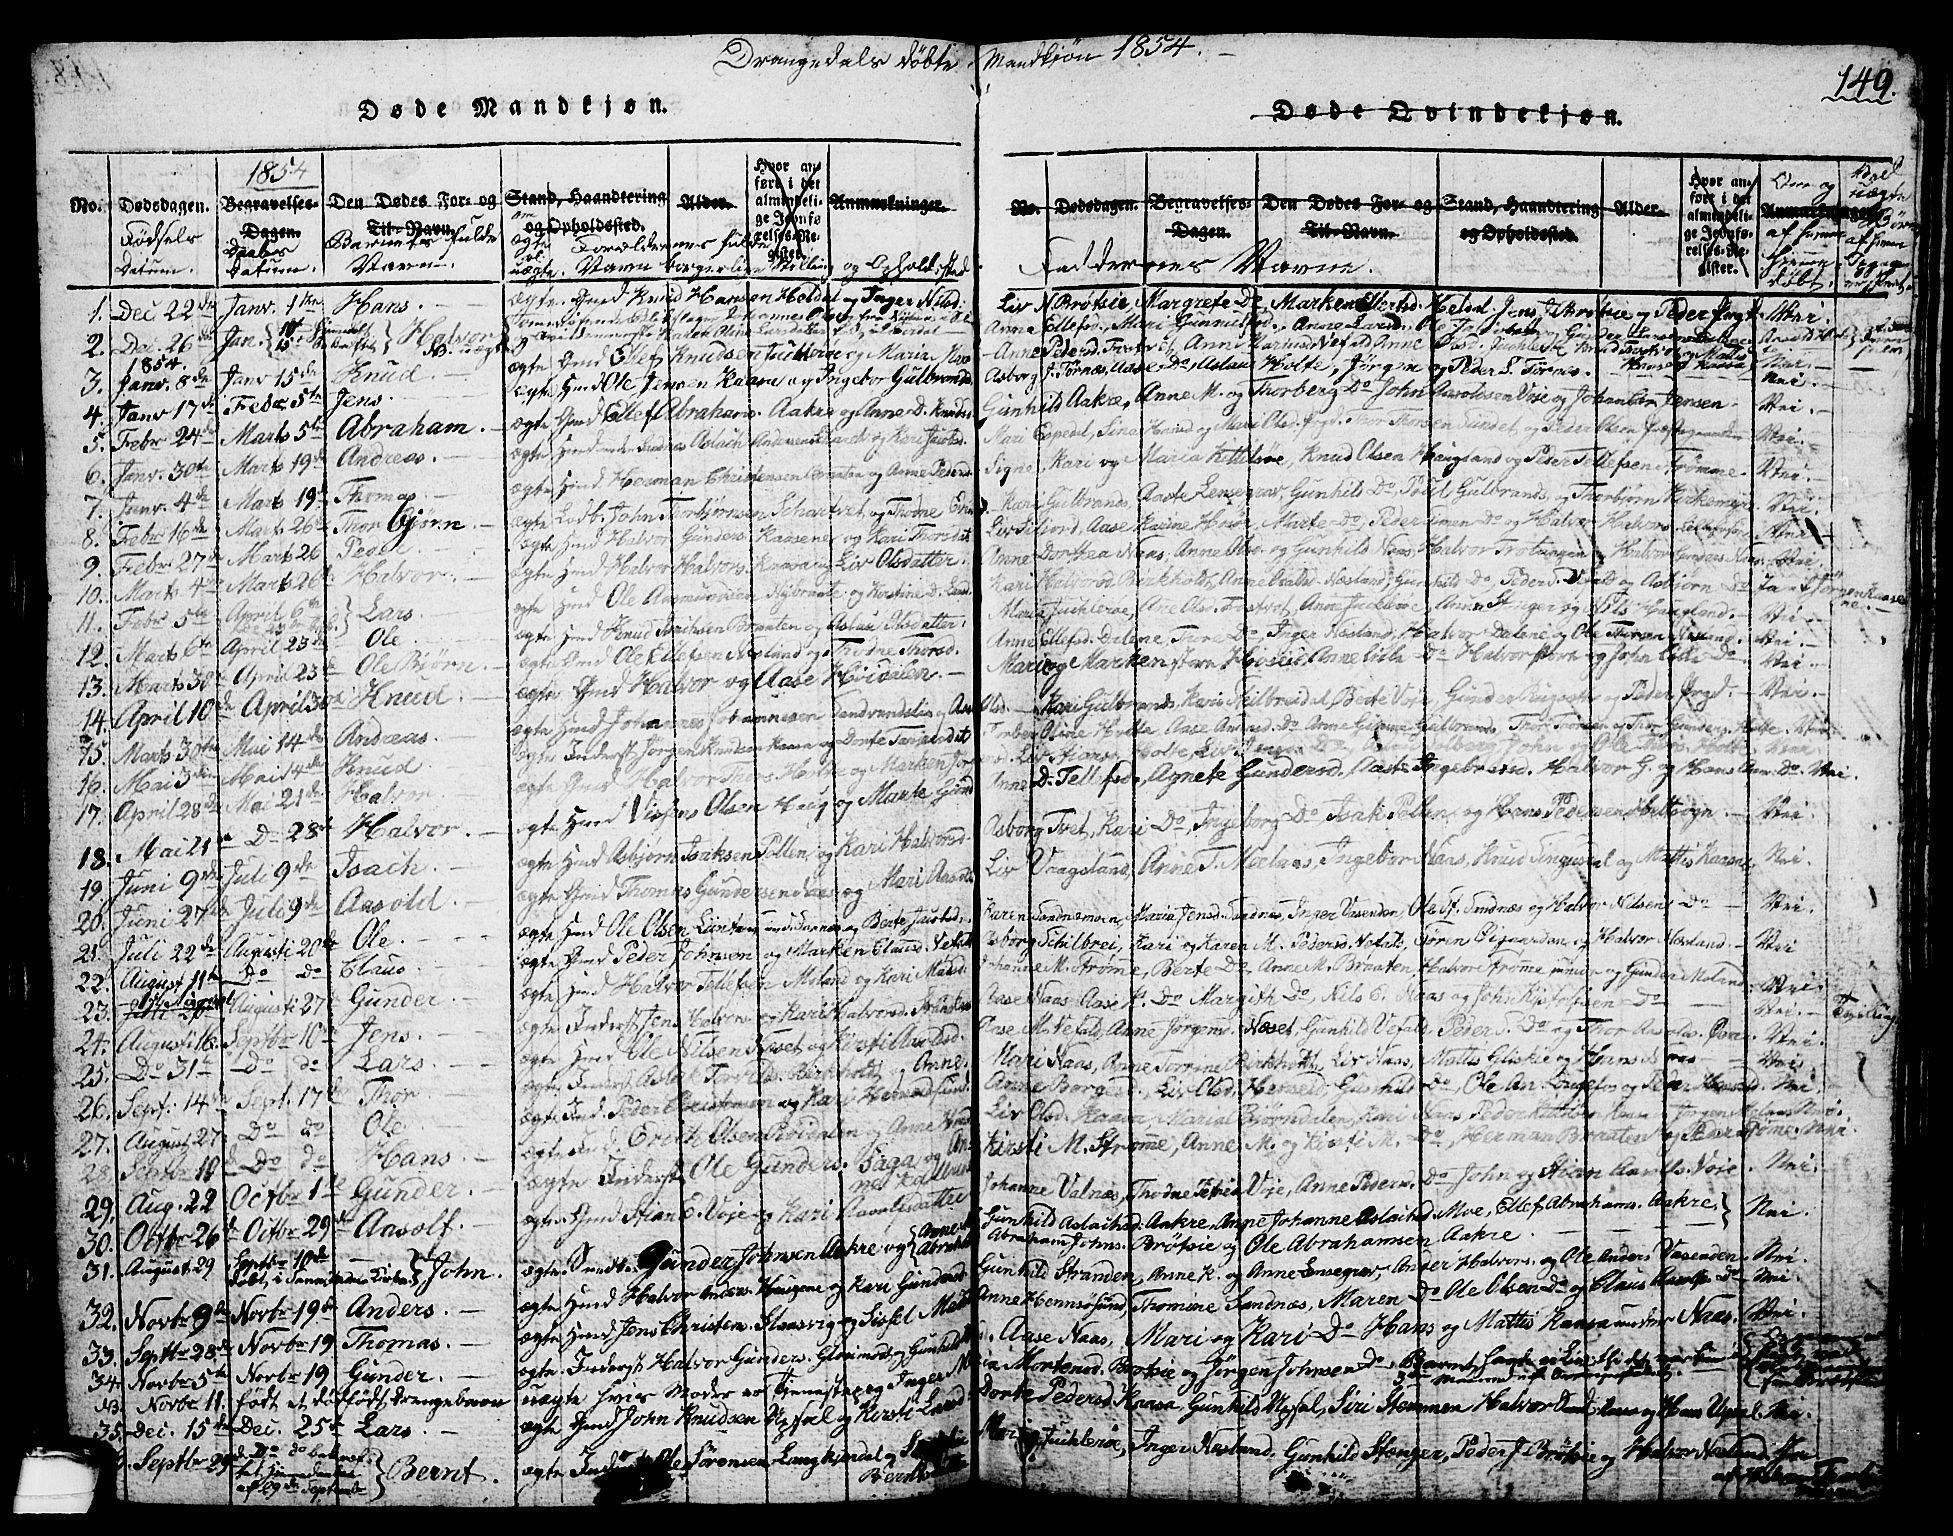 SAKO, Drangedal kirkebøker, G/Ga/L0001: Klokkerbok nr. I 1 /1, 1814-1856, s. 149